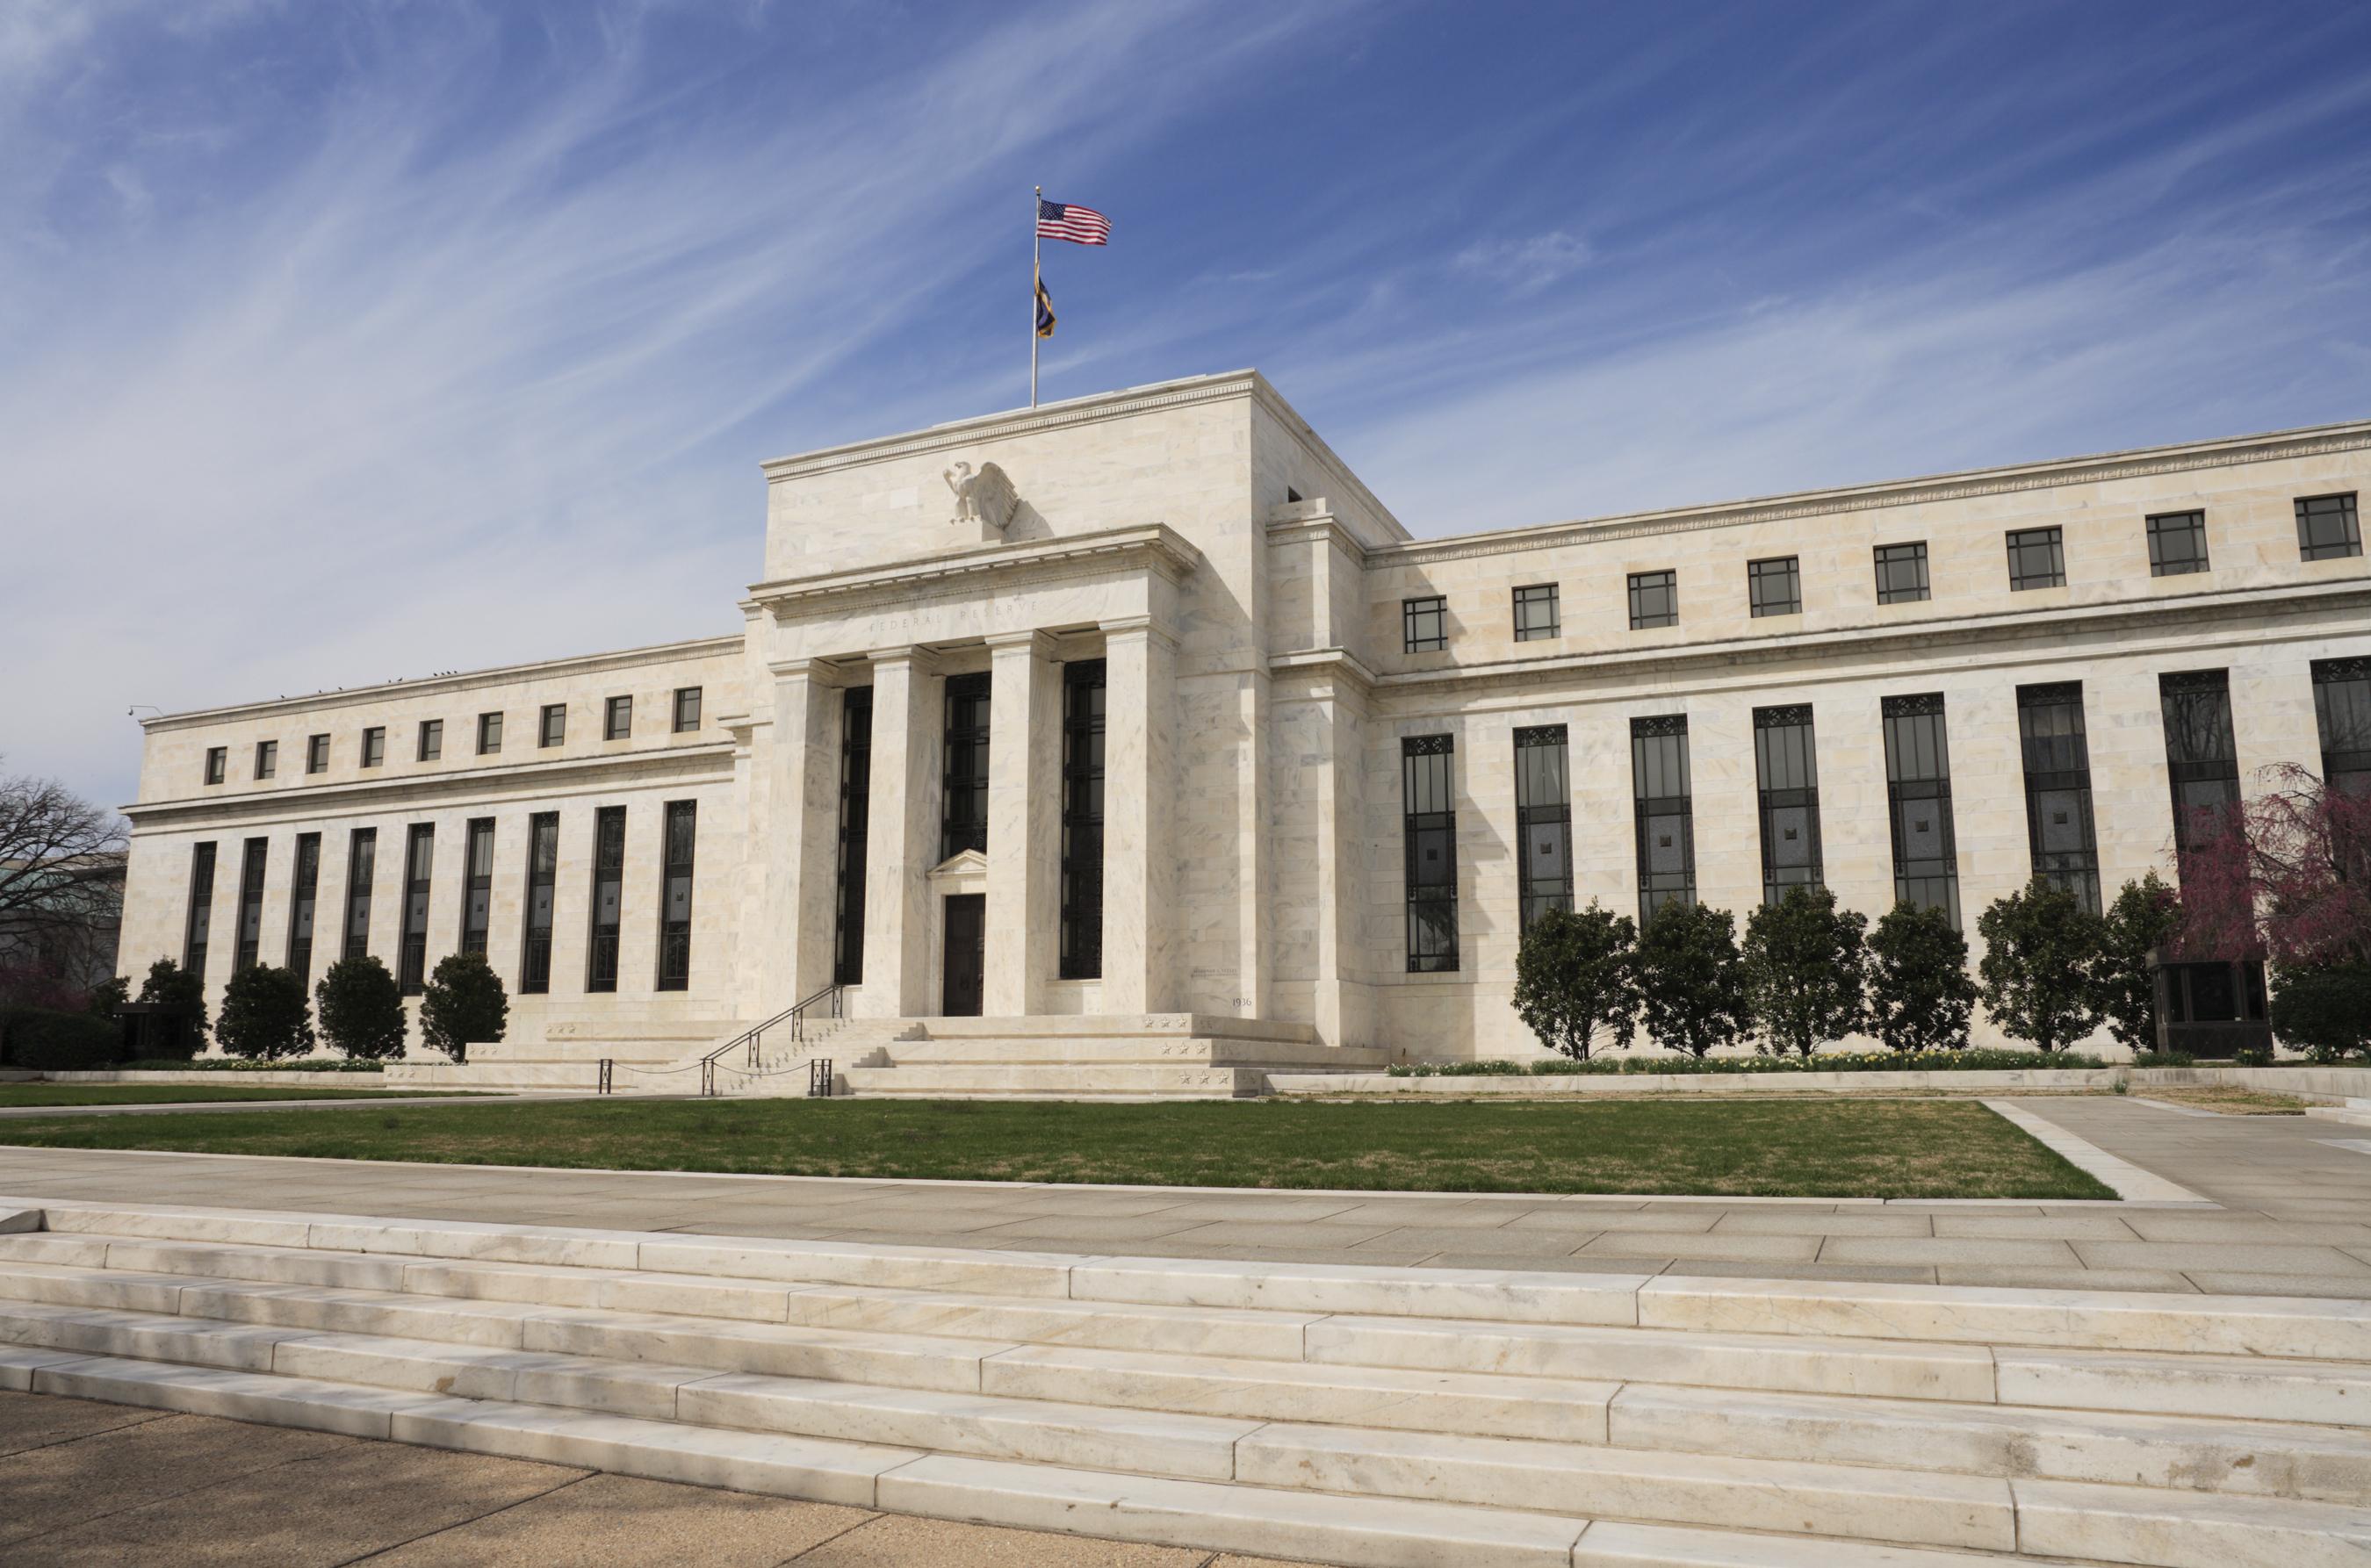 تحول رؤية الاحتياطي الفيدرالي لسوق العمل وتأثيره على رفع الفائدة